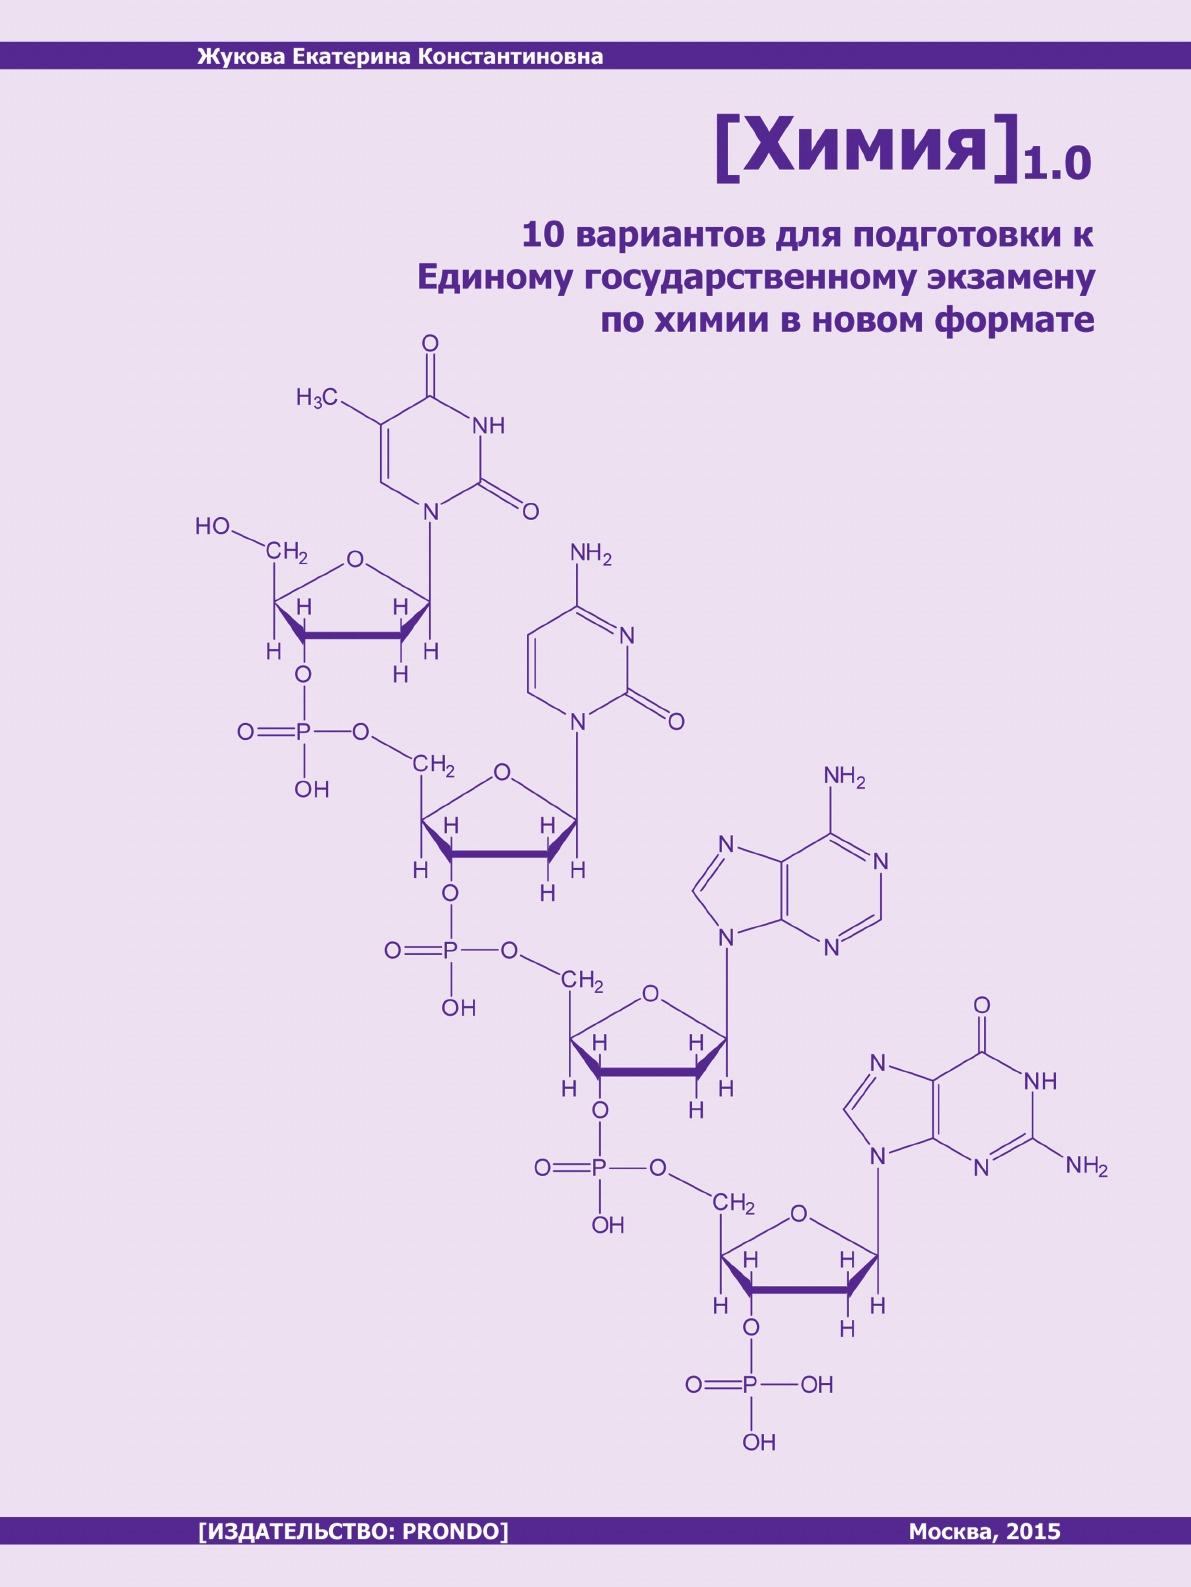 Жукова Е.К. Химия 1.0. 10 вариантов для подготовки к Единому государственному экзамену по химии в новом формате